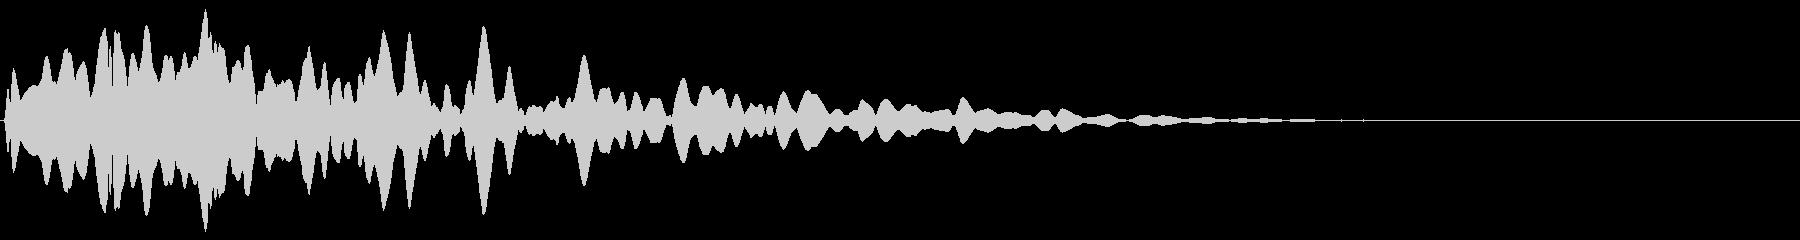 パン:閃いた時の音2の未再生の波形